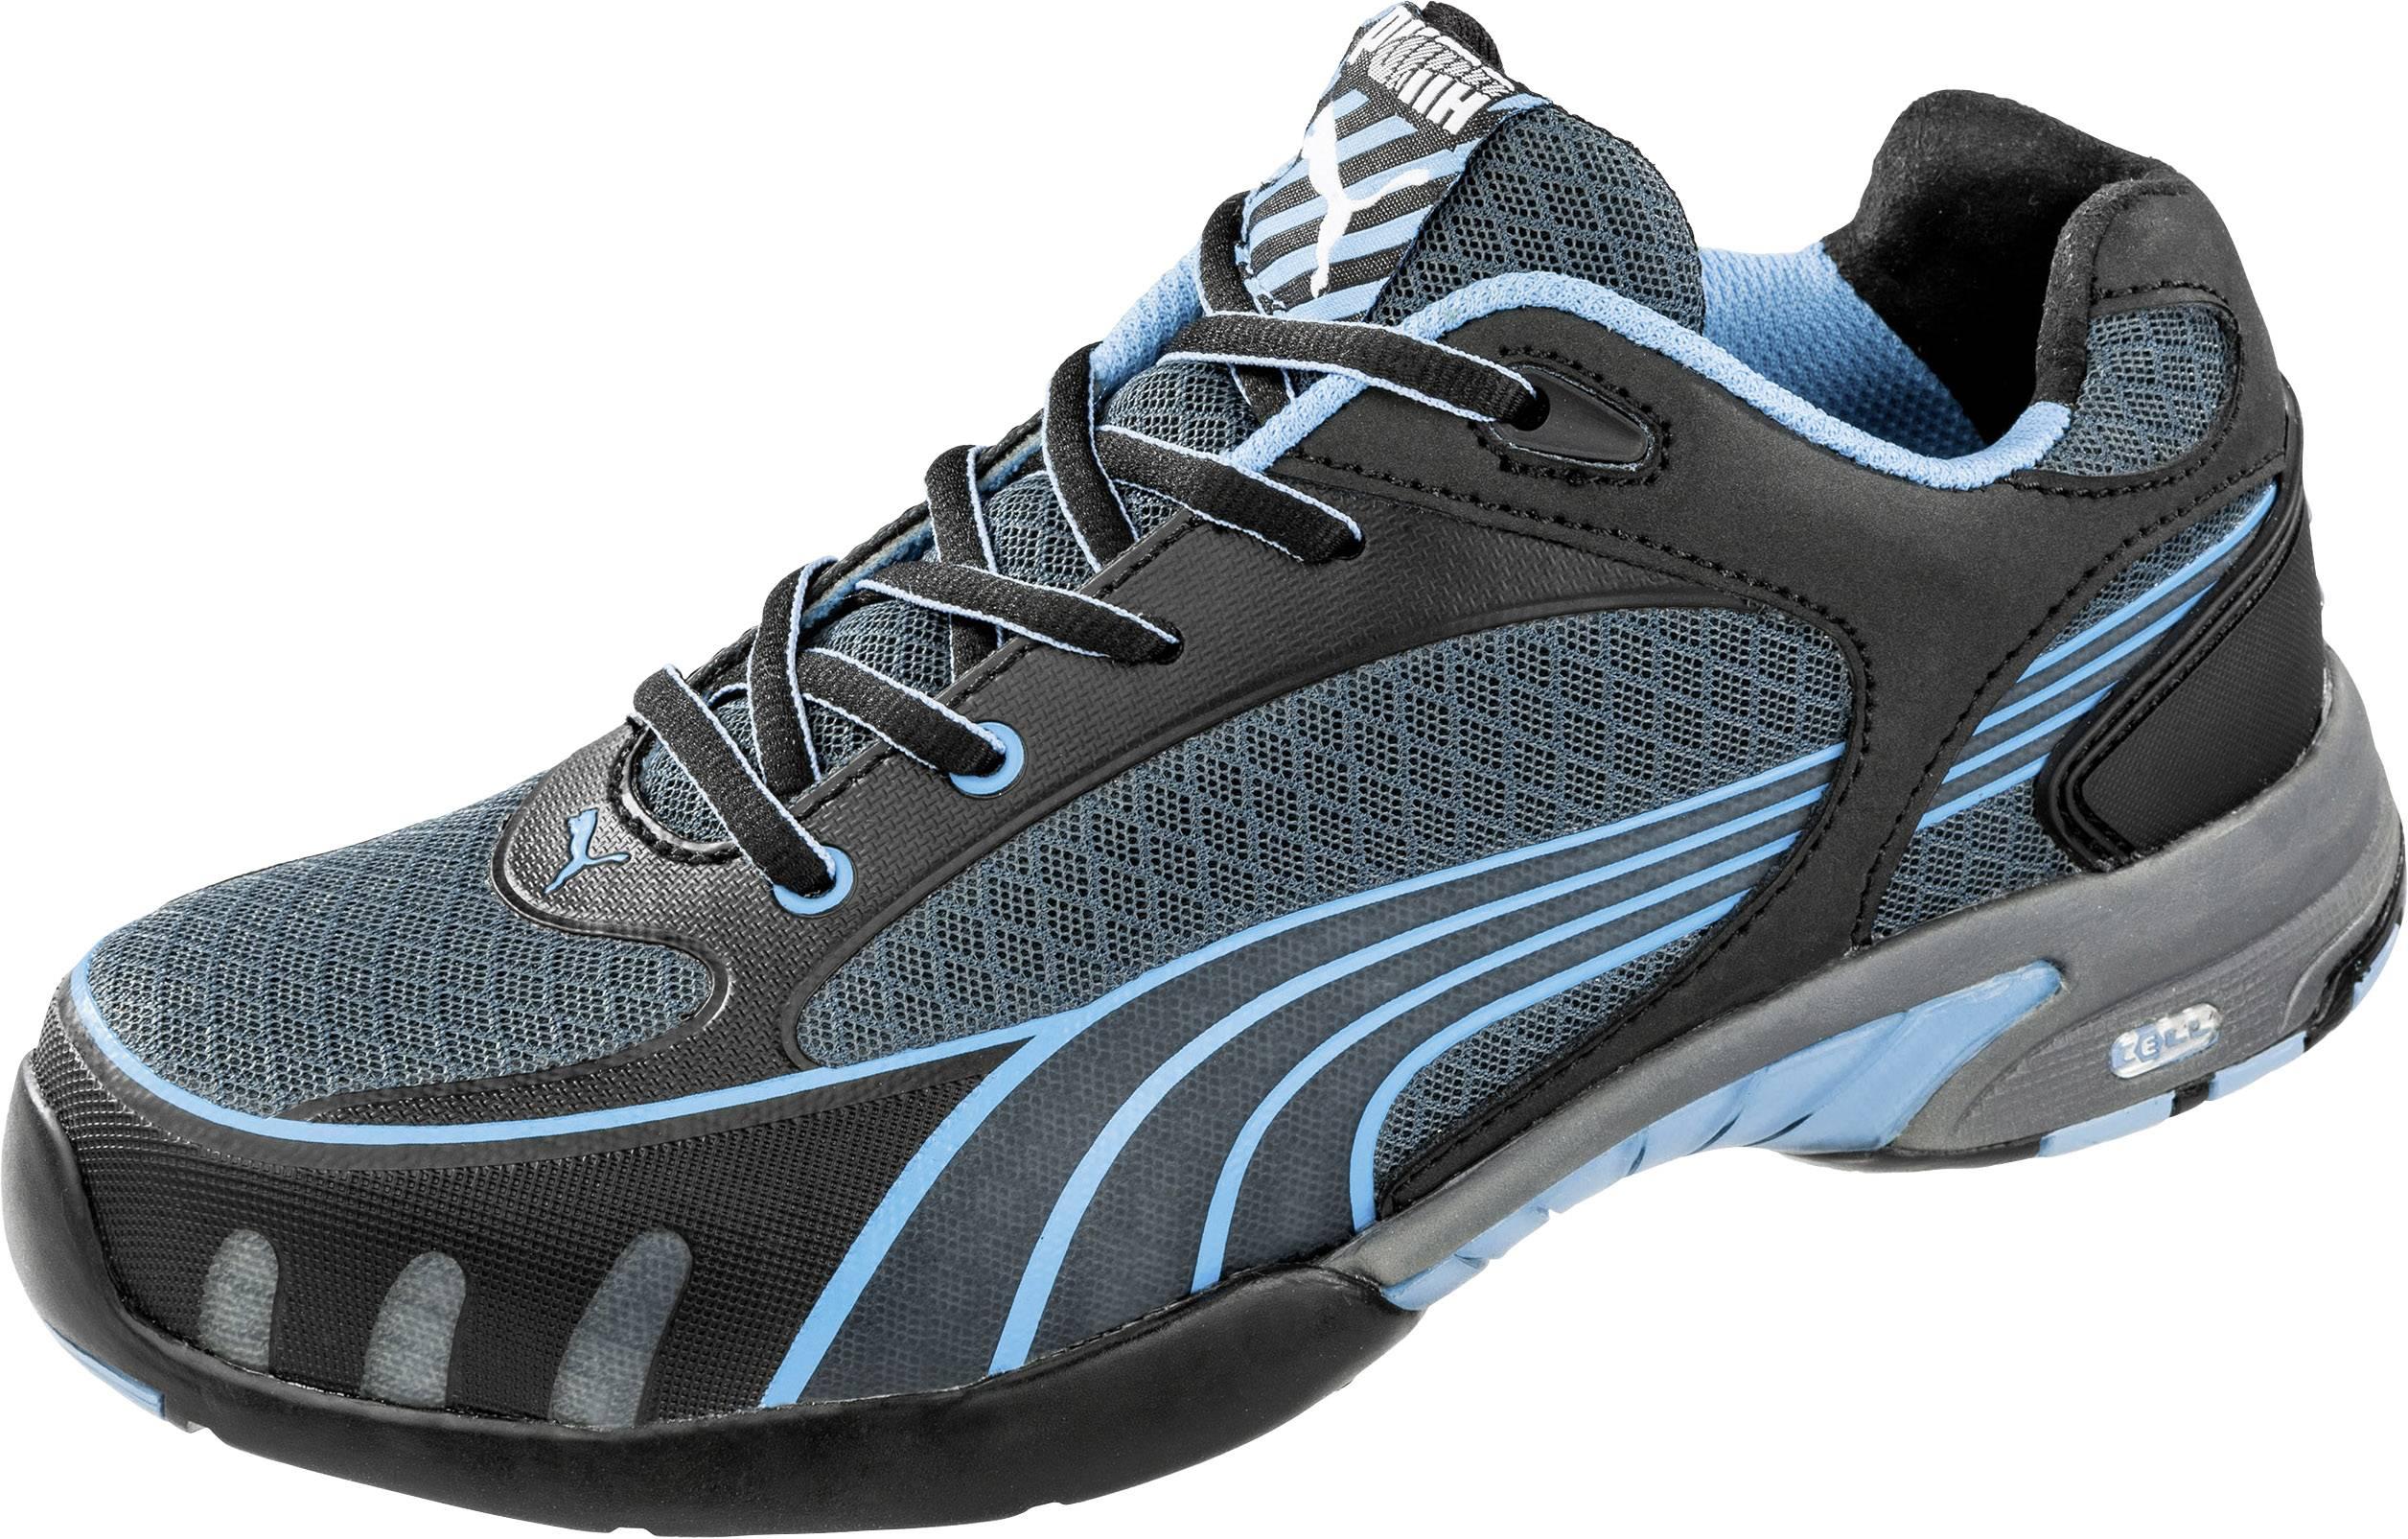 PUMA Safety Fuse Motion Blue Wns Low 642820 Chaussures basses de sécurité S1 Taille: 39 noir, bleu 1 paire